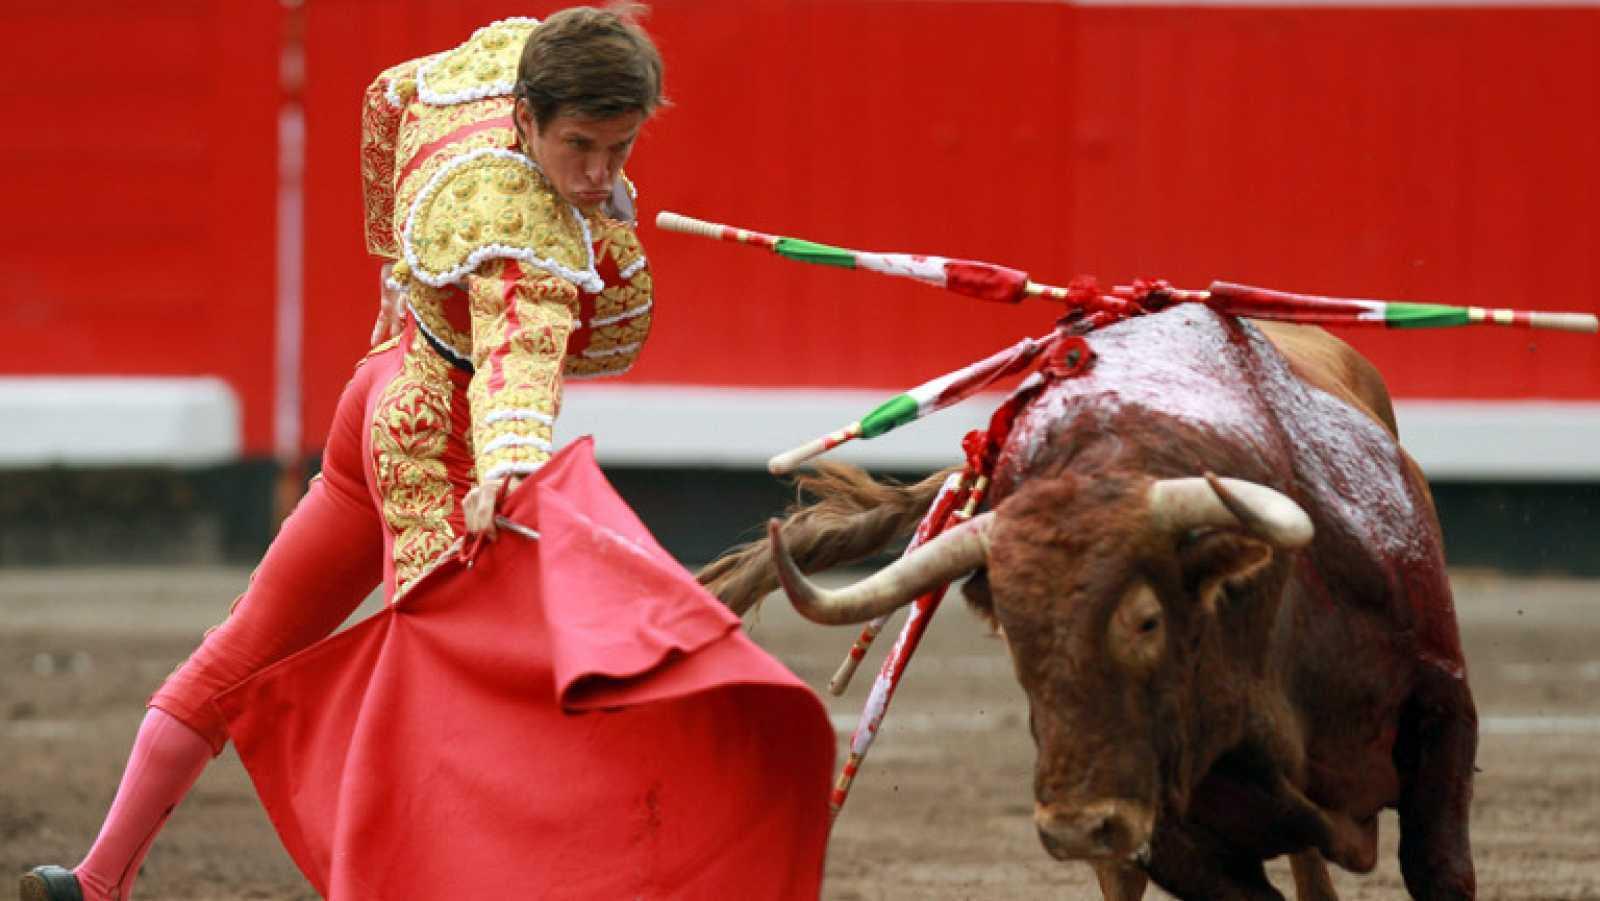 14 horas - El Tribunal Supremo establece que la faena de un torero no puede registrarse como obra de propiedad intelectual - Escuchar ahora